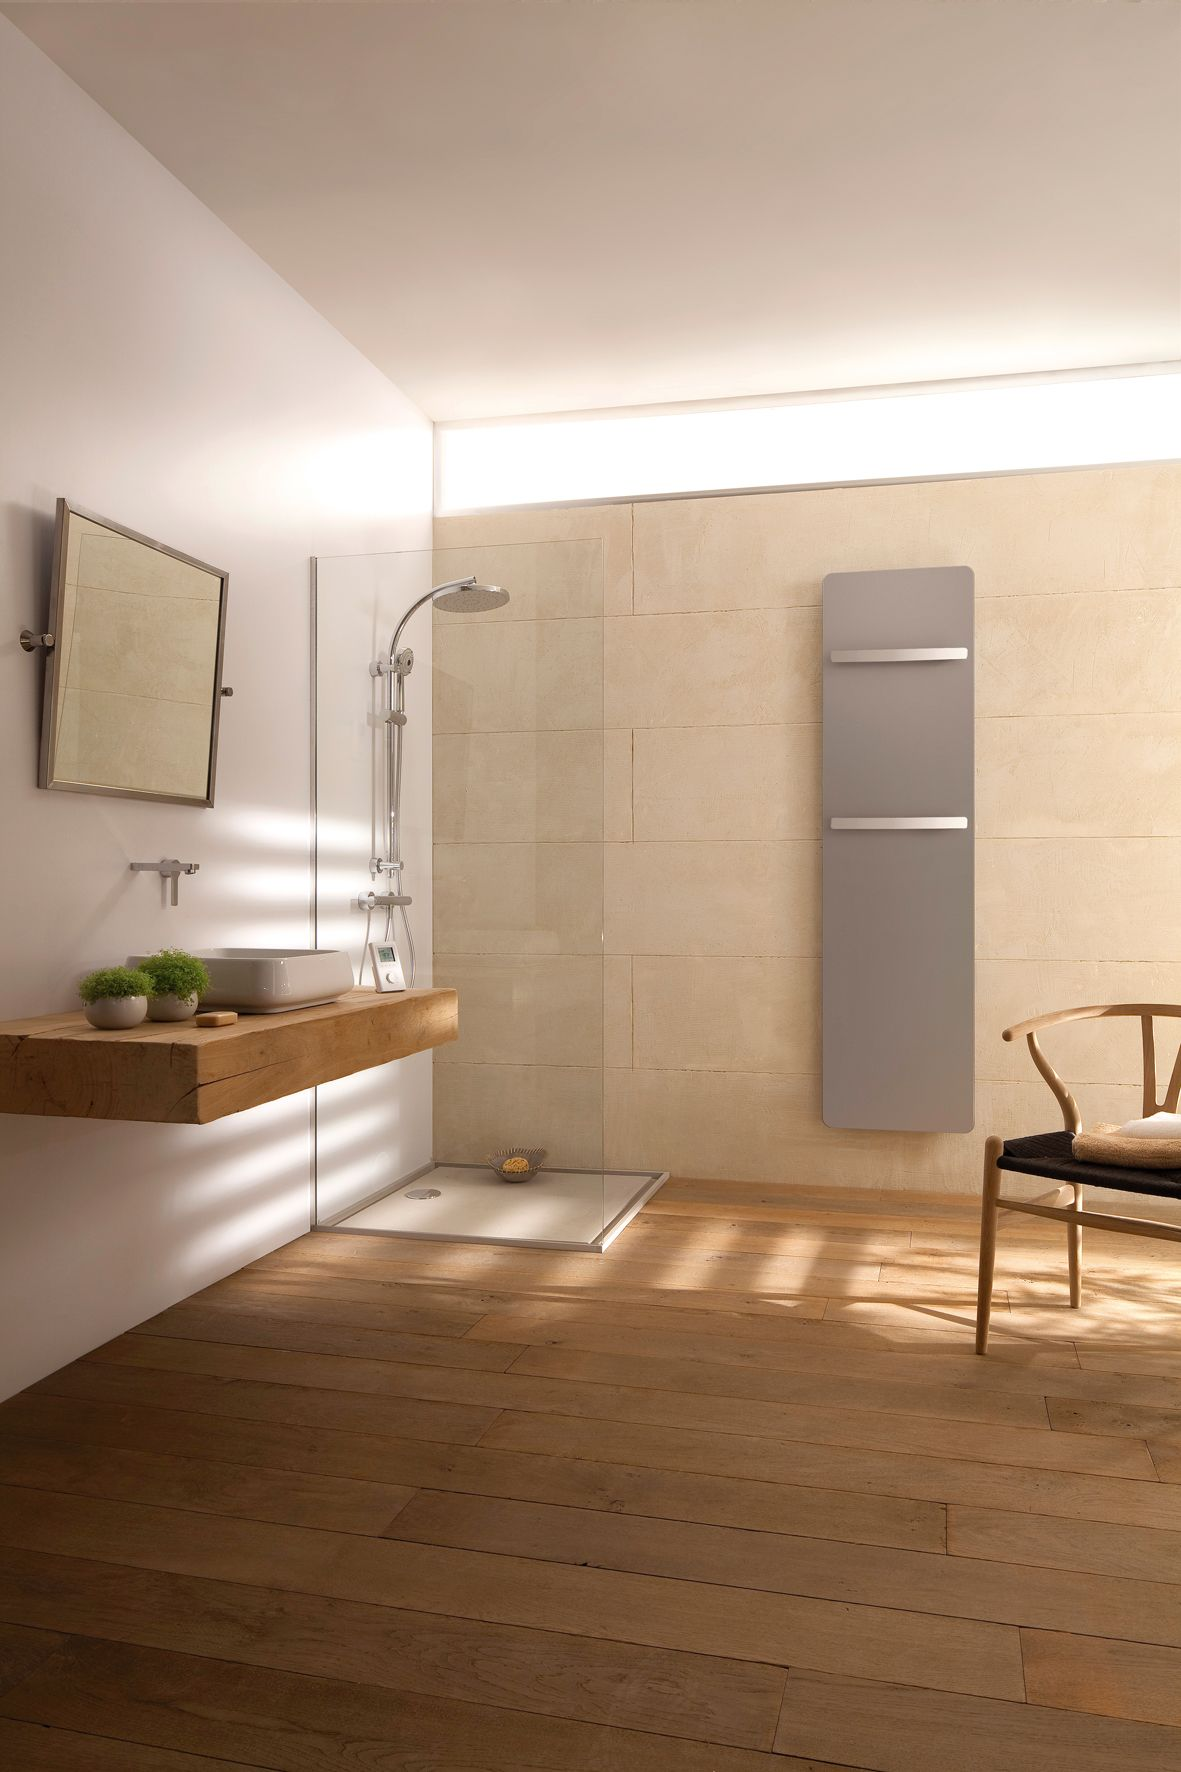 radiateur sche serviettes plume dacova la sallesalle de bains - Acova Radiateur Salle De Bain